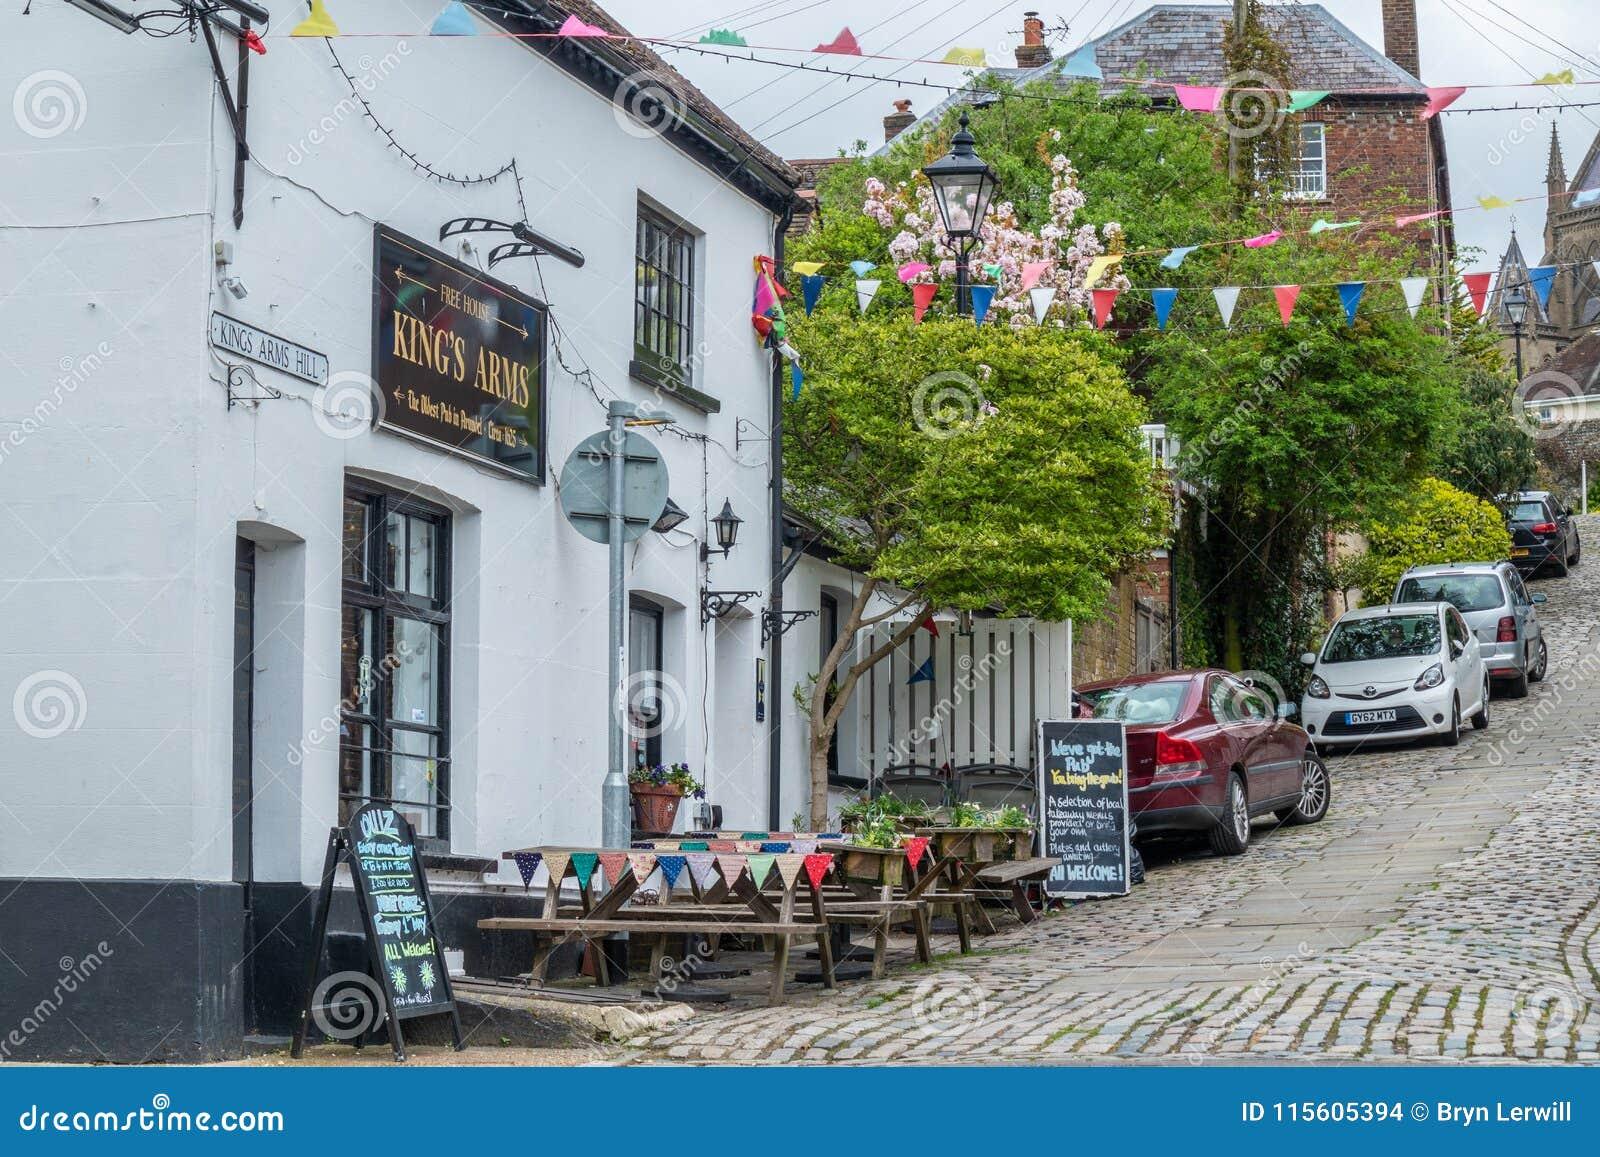 Le bar des Rois Arms, Arundel, le Sussex occidental